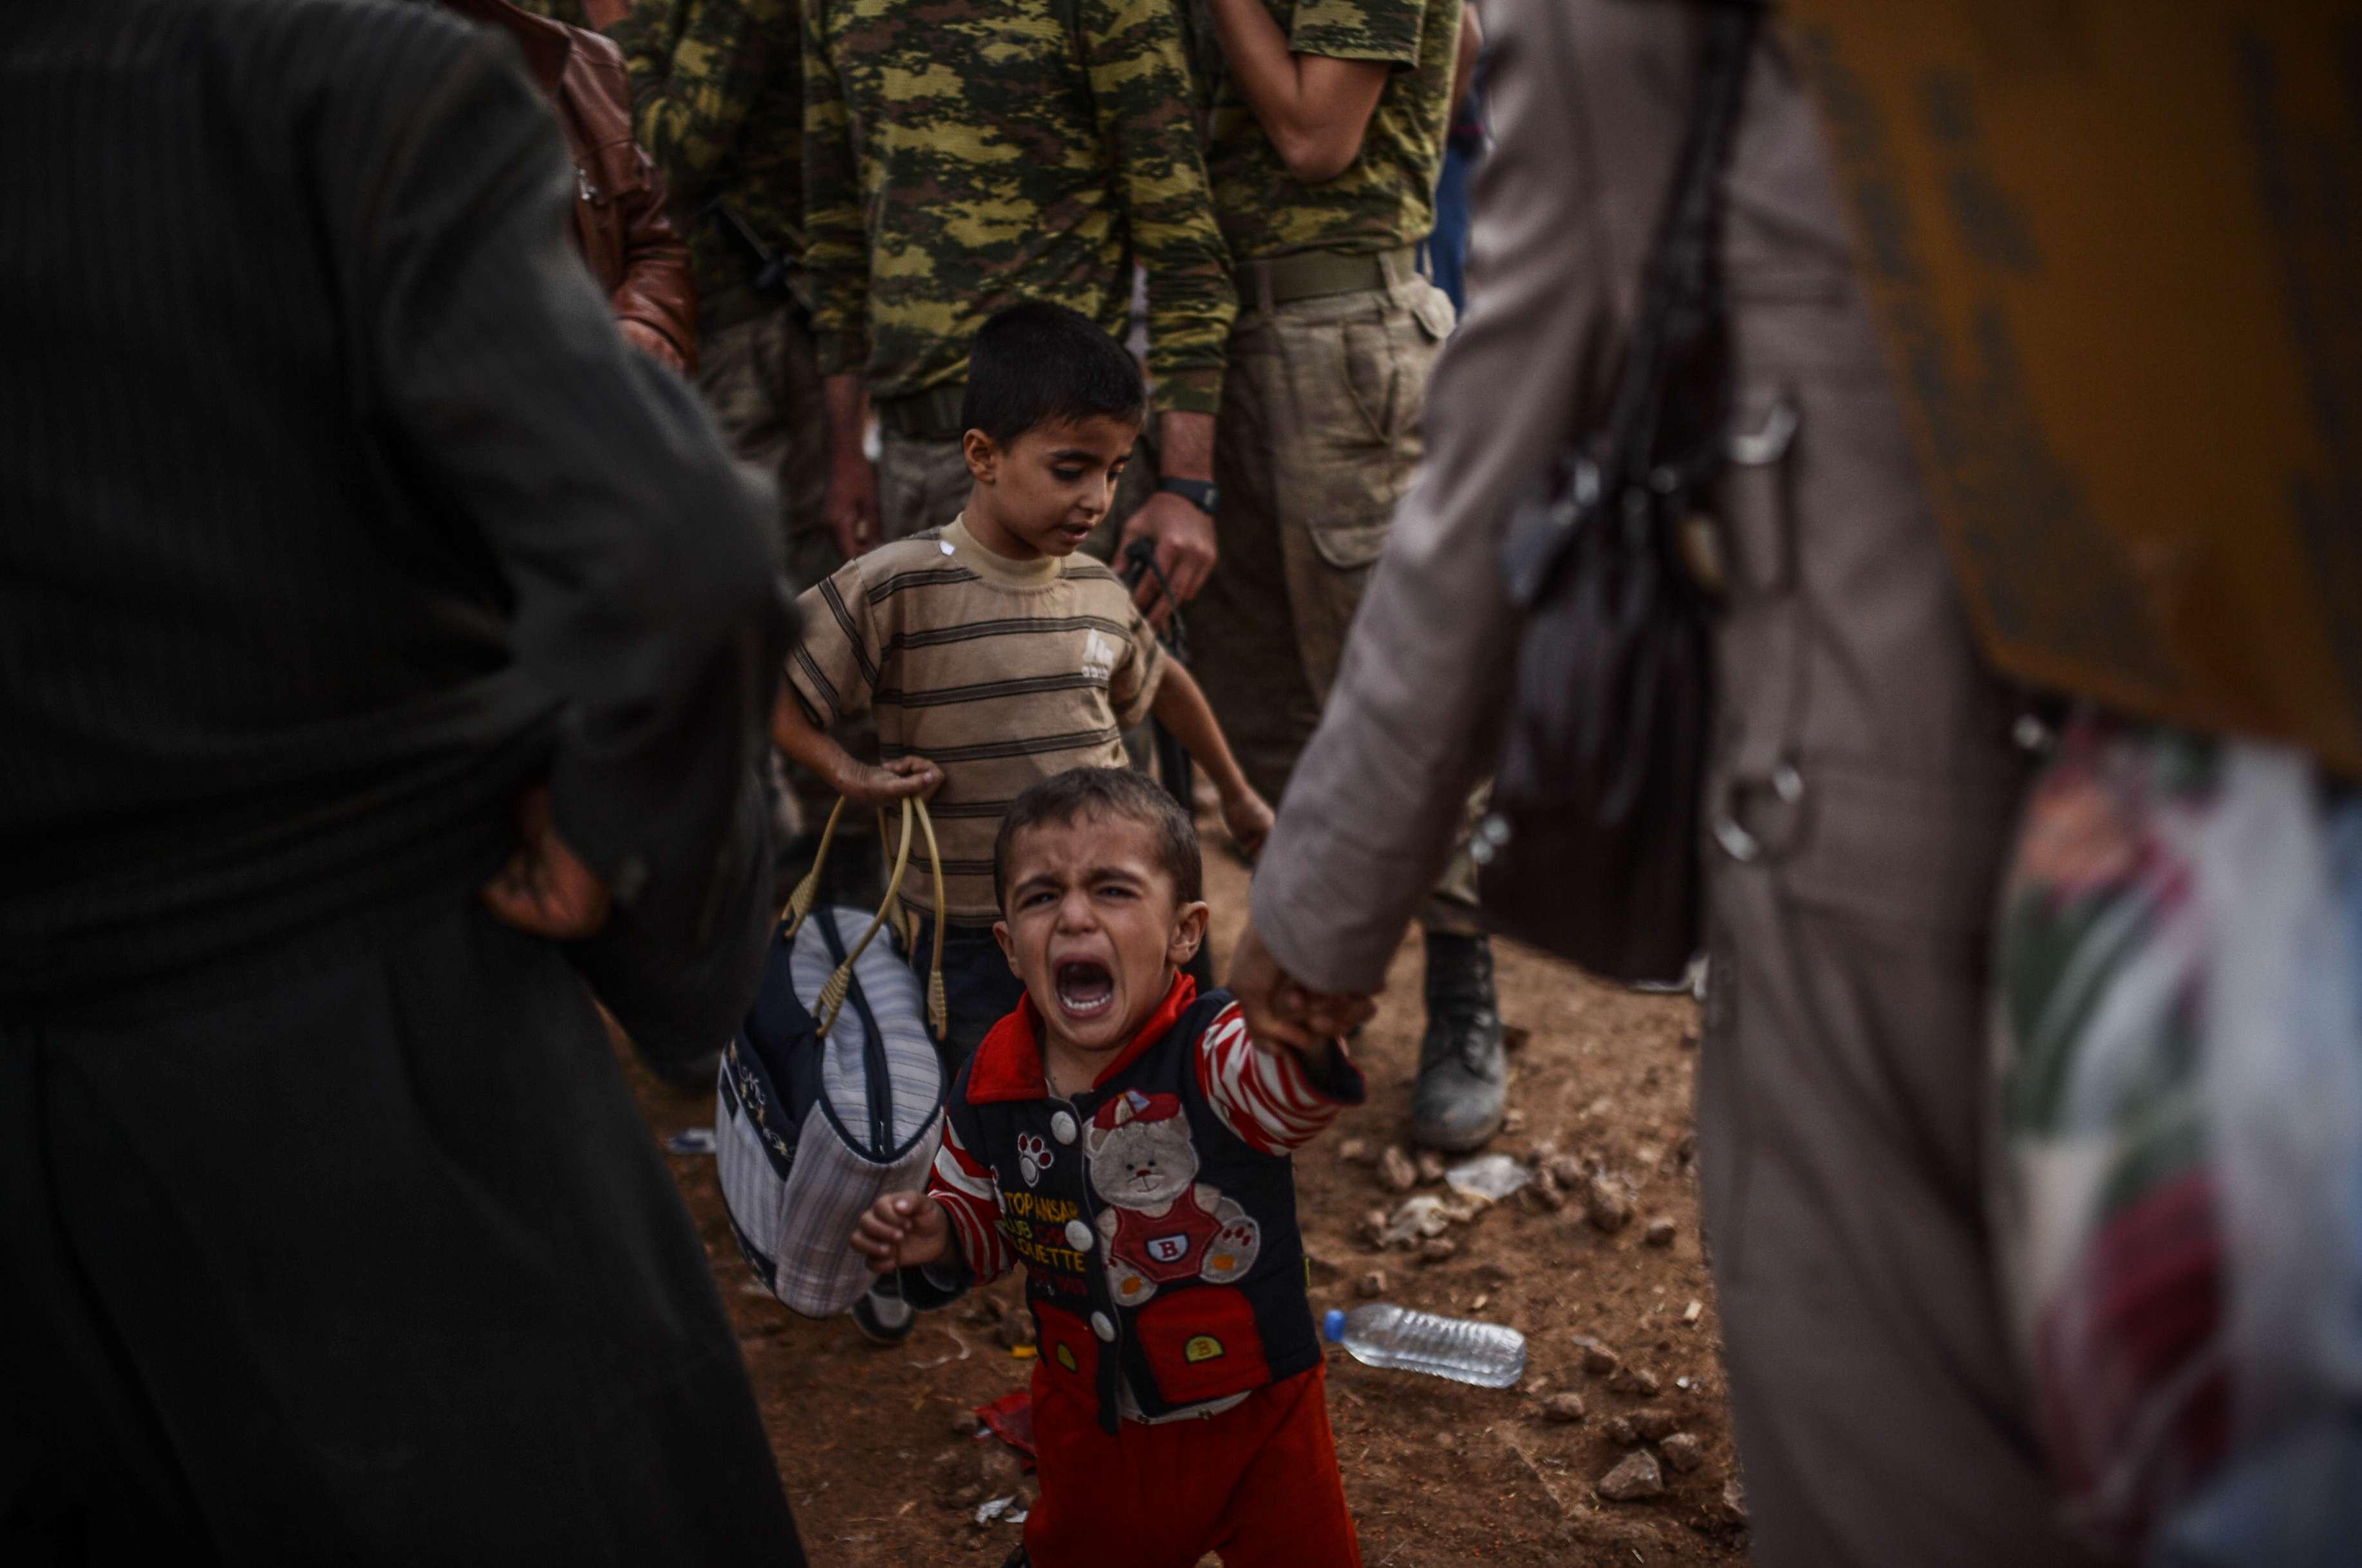 Criança curda chora ao chegar na Turquia após fugir com família de confrontos no território sírio Foto: BULENT KILIC/AFP